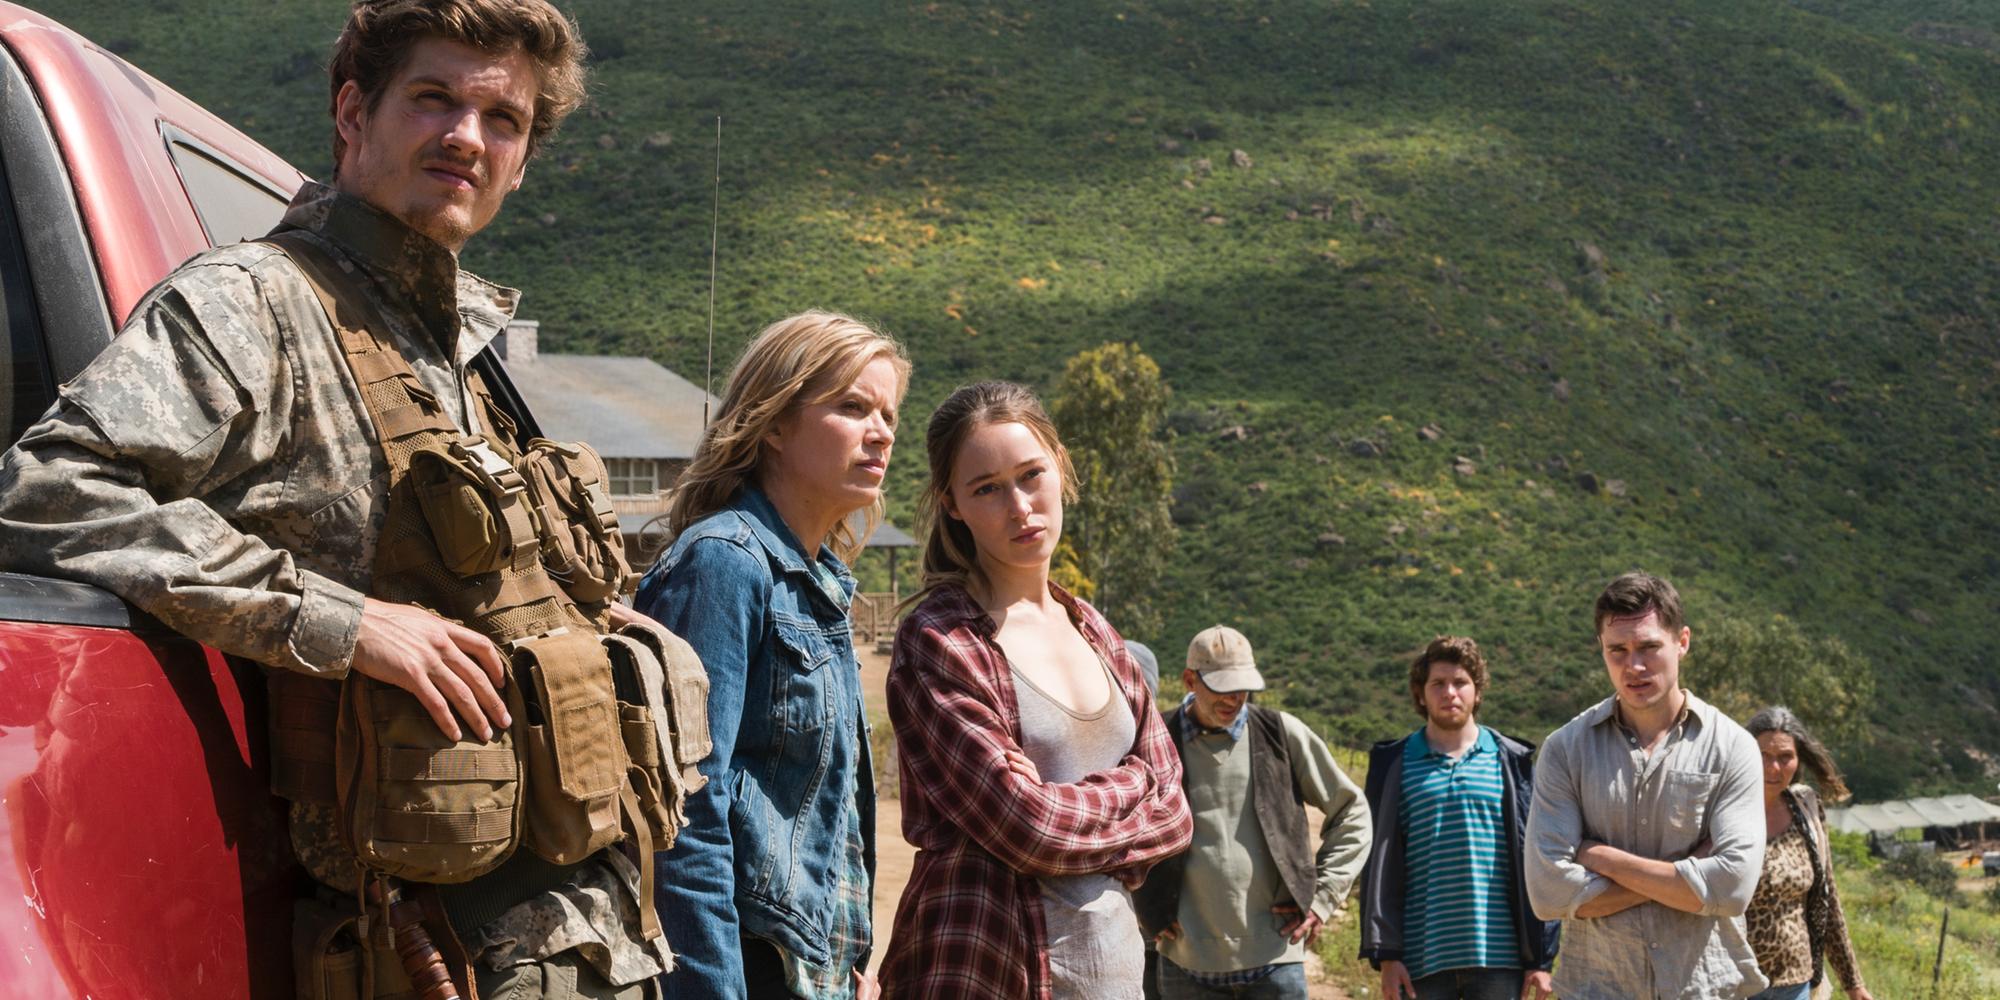 Daniel Sharman Kim Dickens Alycia Debnam-Carey Fear the Walking Dead